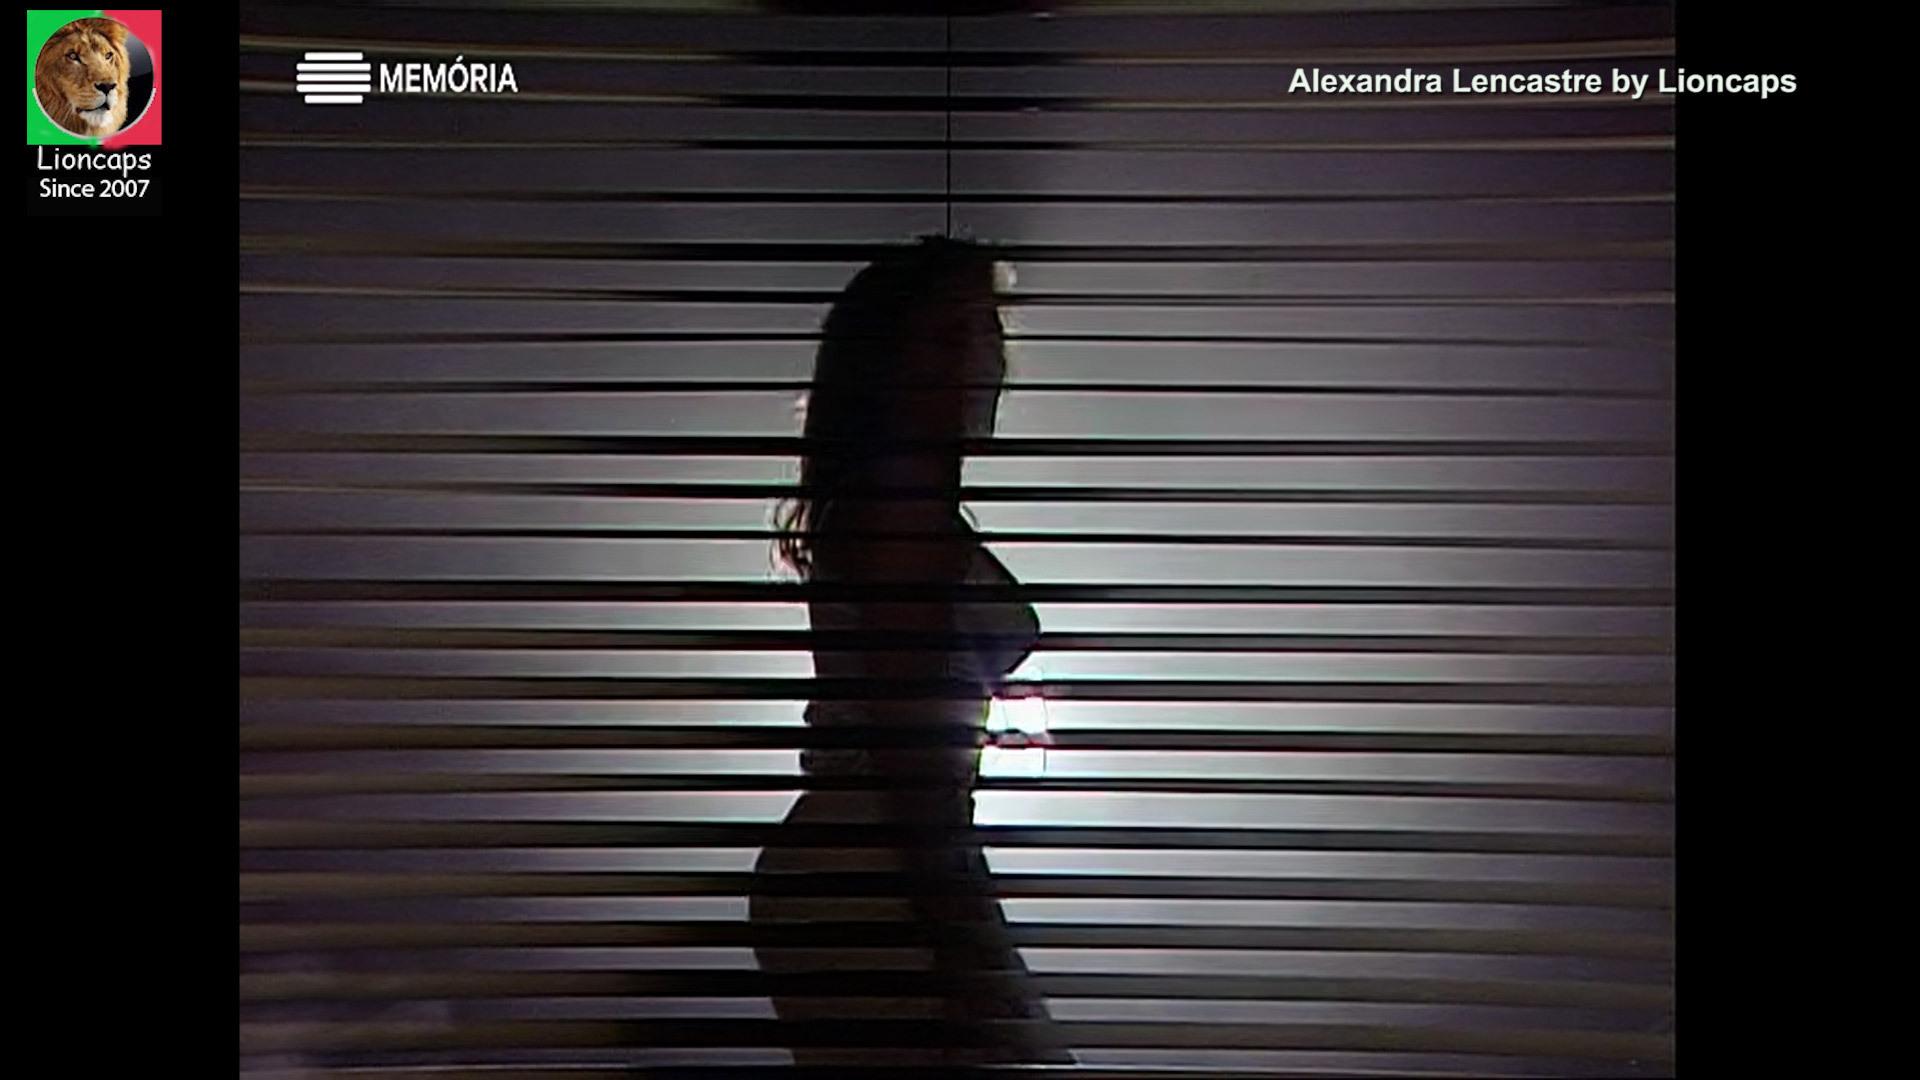 alexandra_lencastre_nao_es_homem_lioncaps_31_08_2021_02 (10).jpg